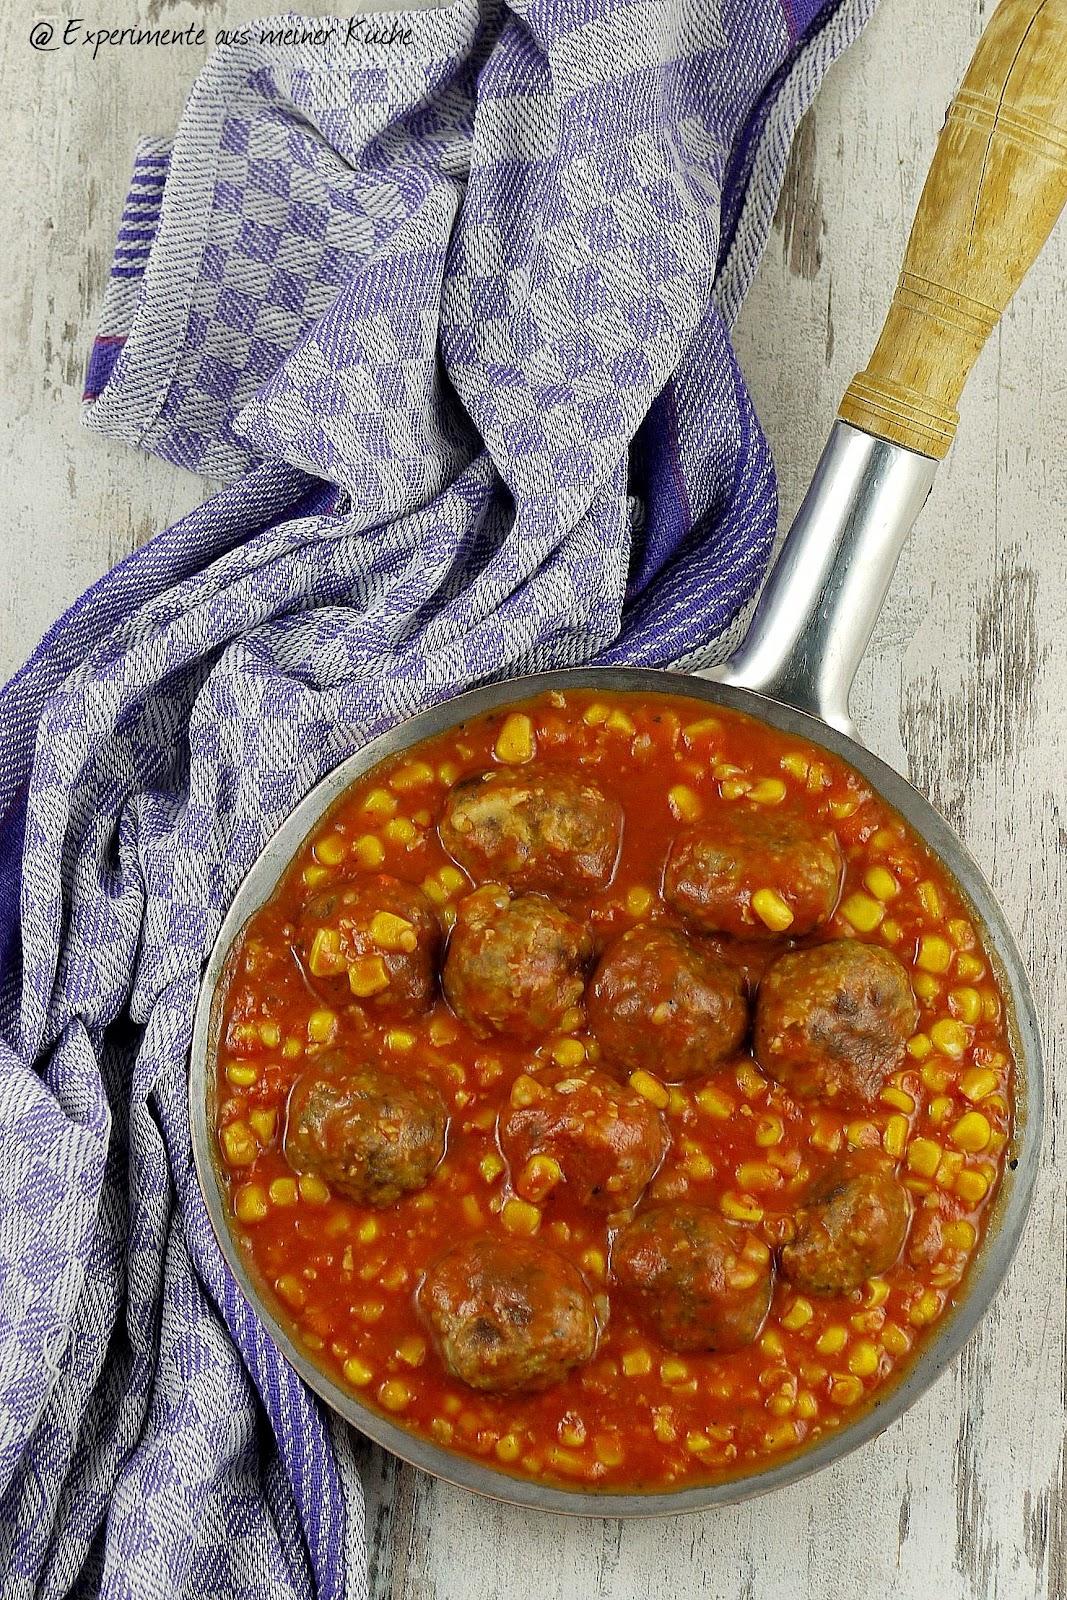 aus meiner Küche: Ofenfrikadellen in Tomatensoße